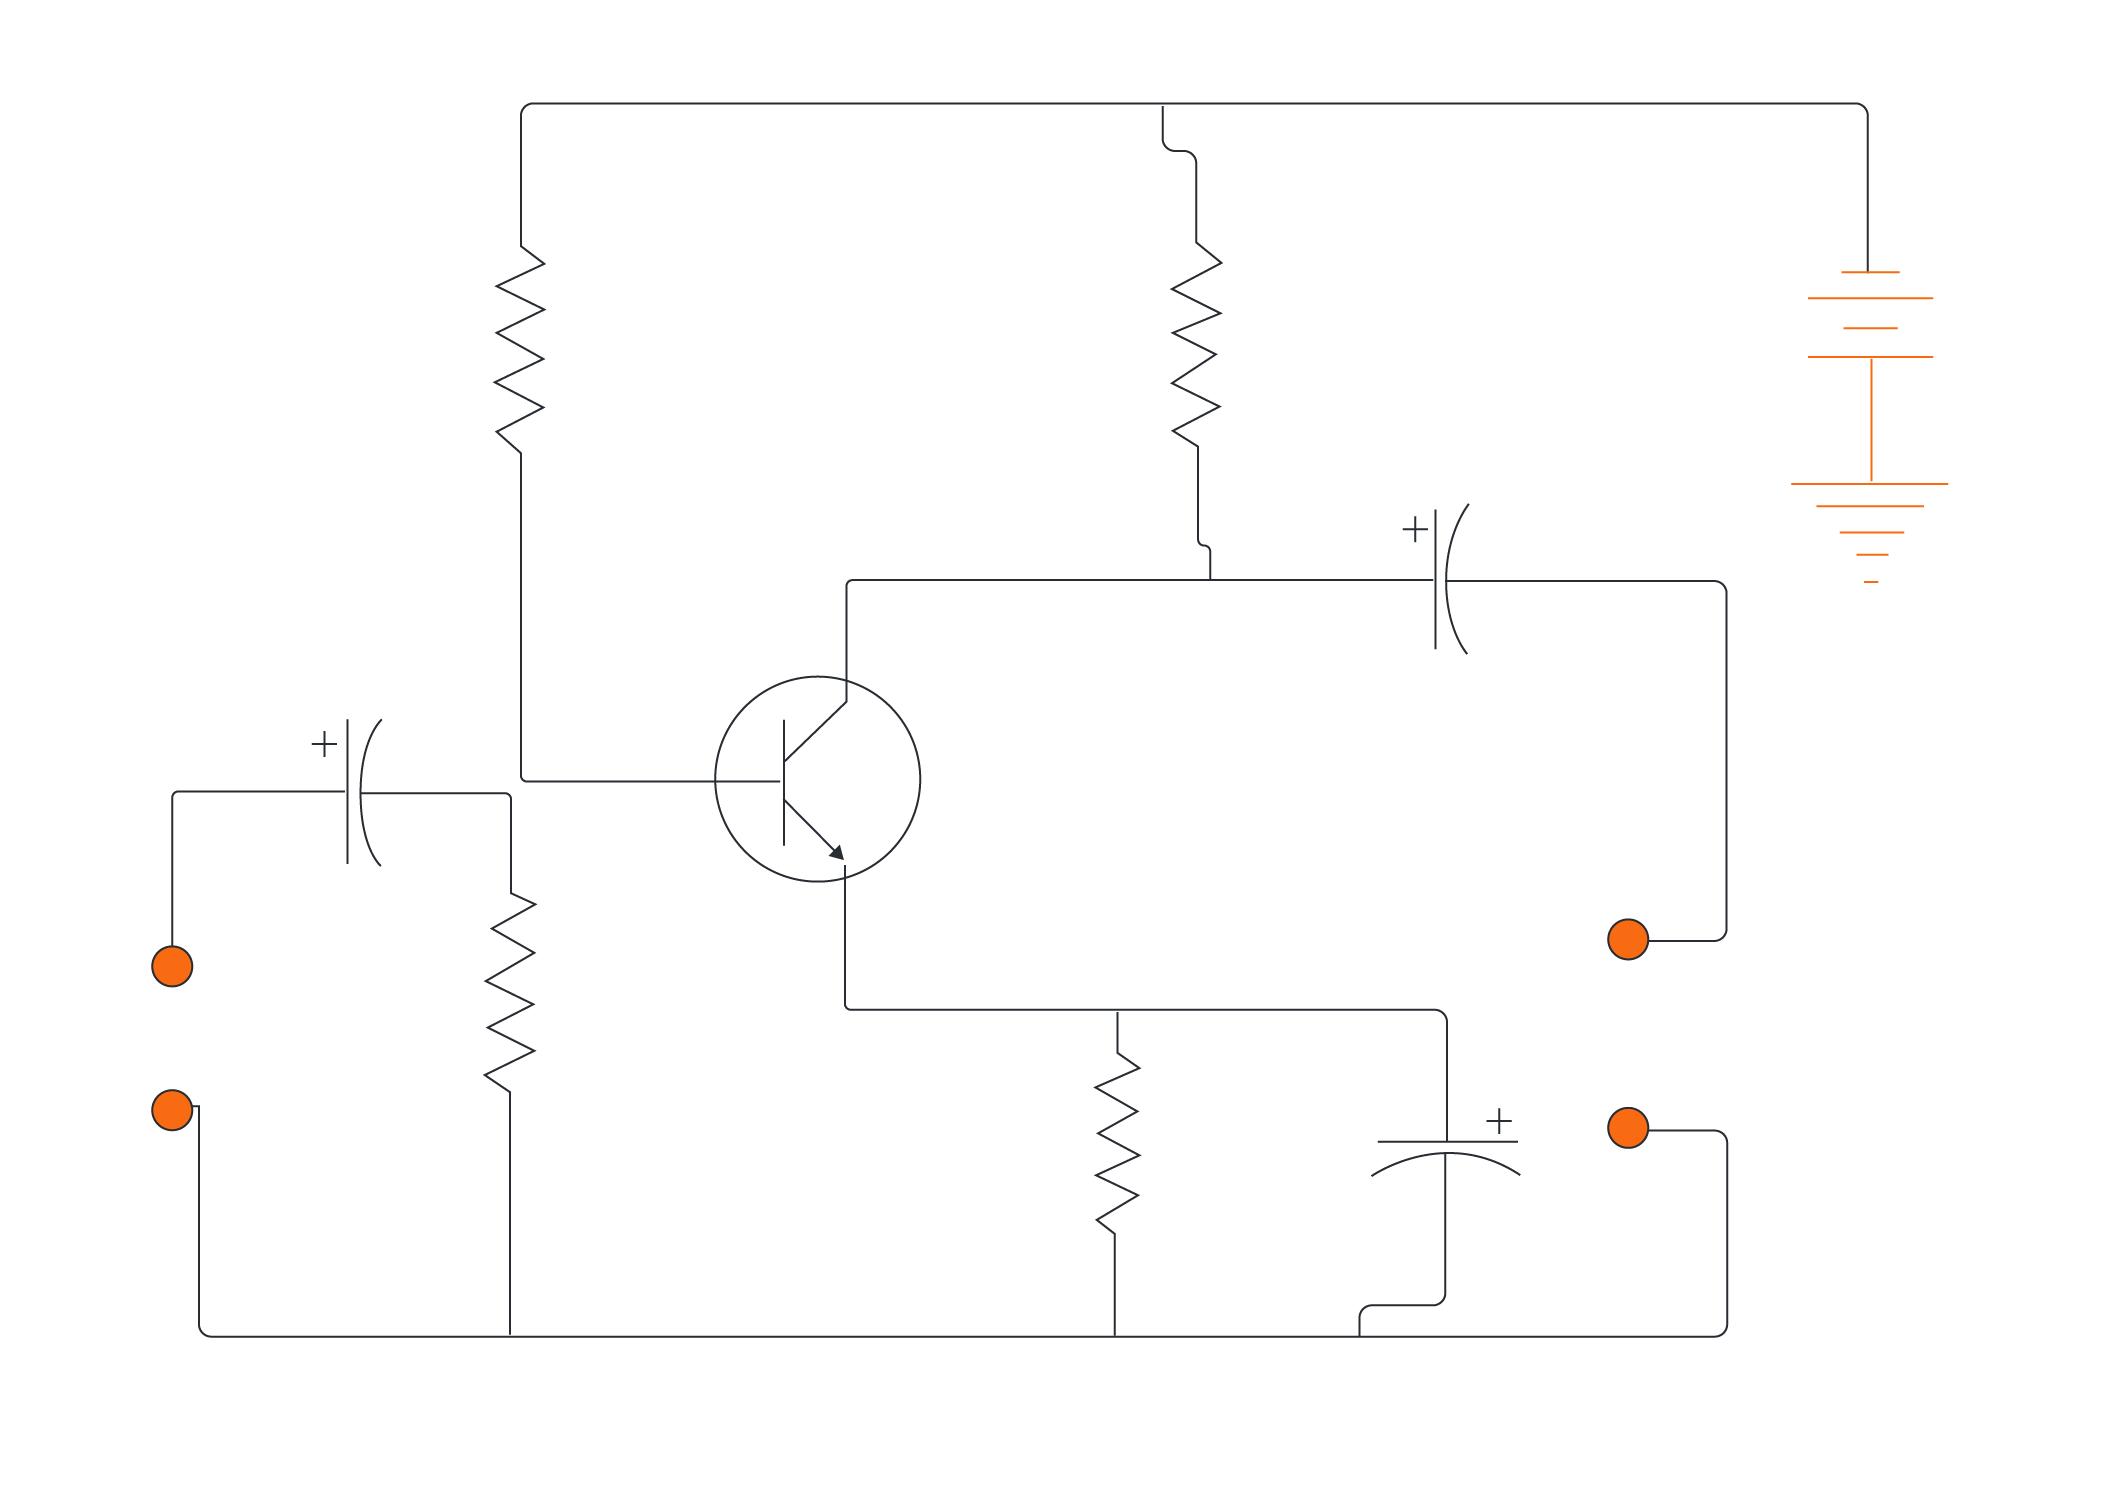 Logiciel de schéma électrique en ligne Lucidchart